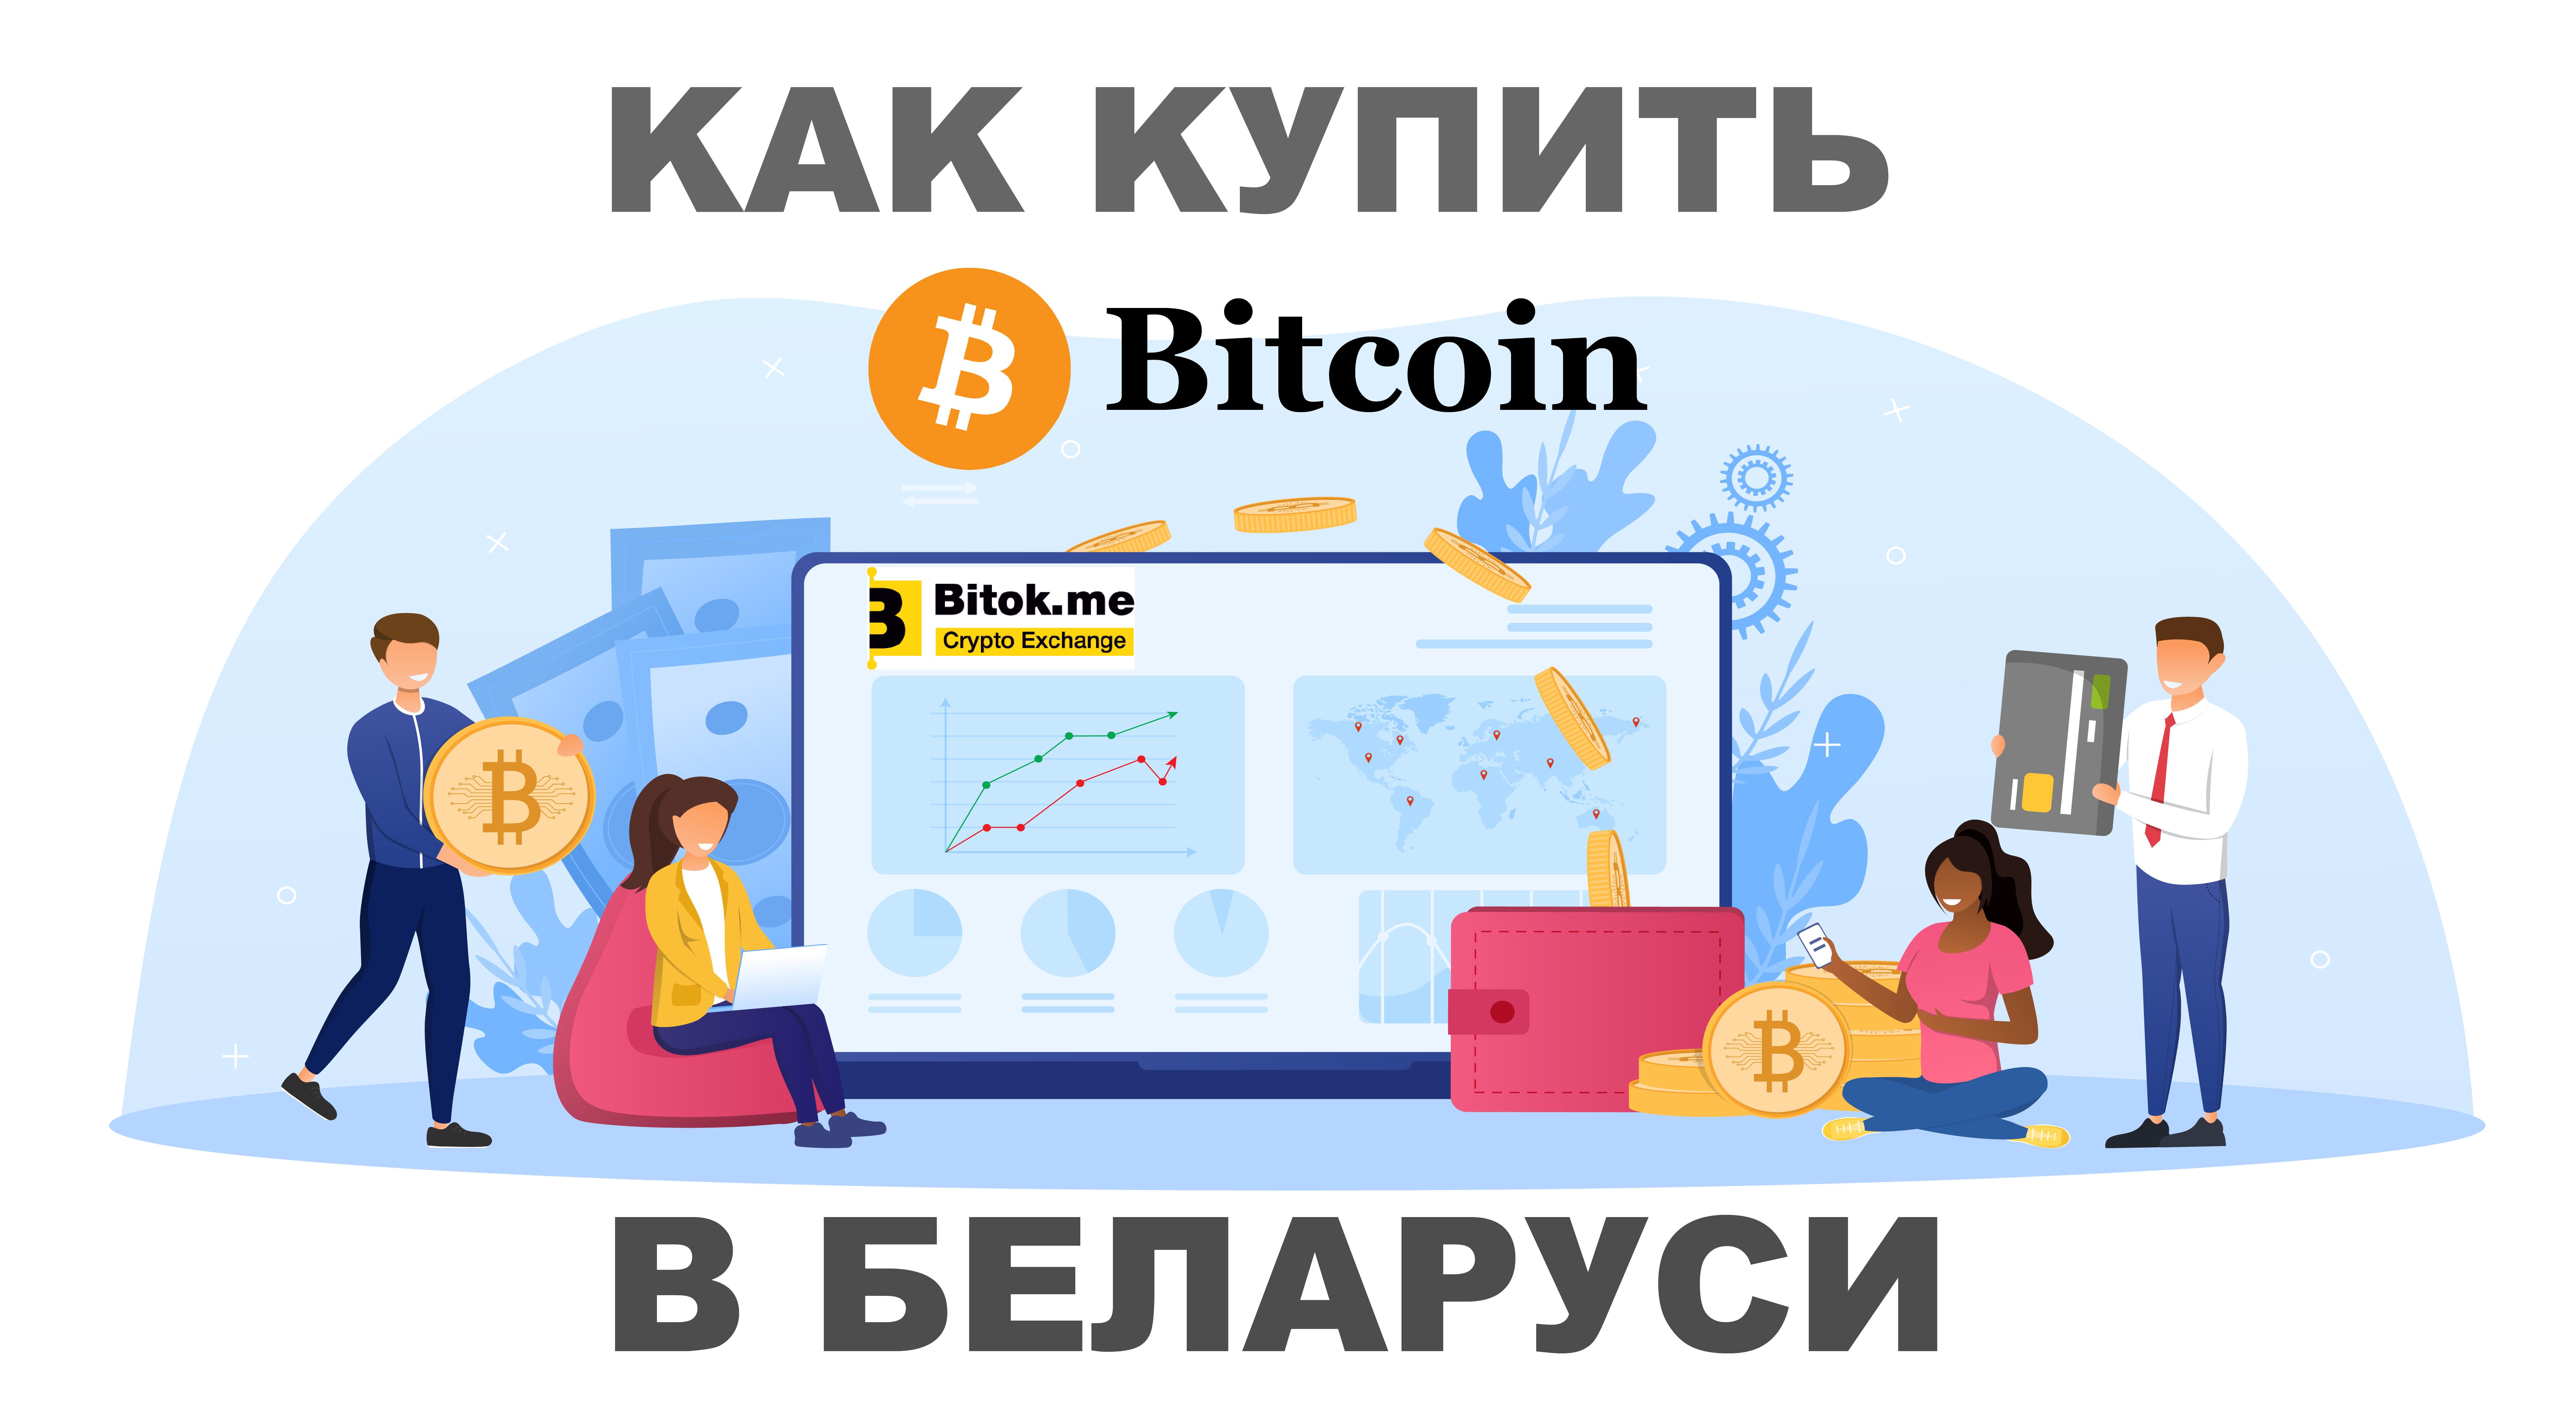 Как купить Bitcoin в Беларуси